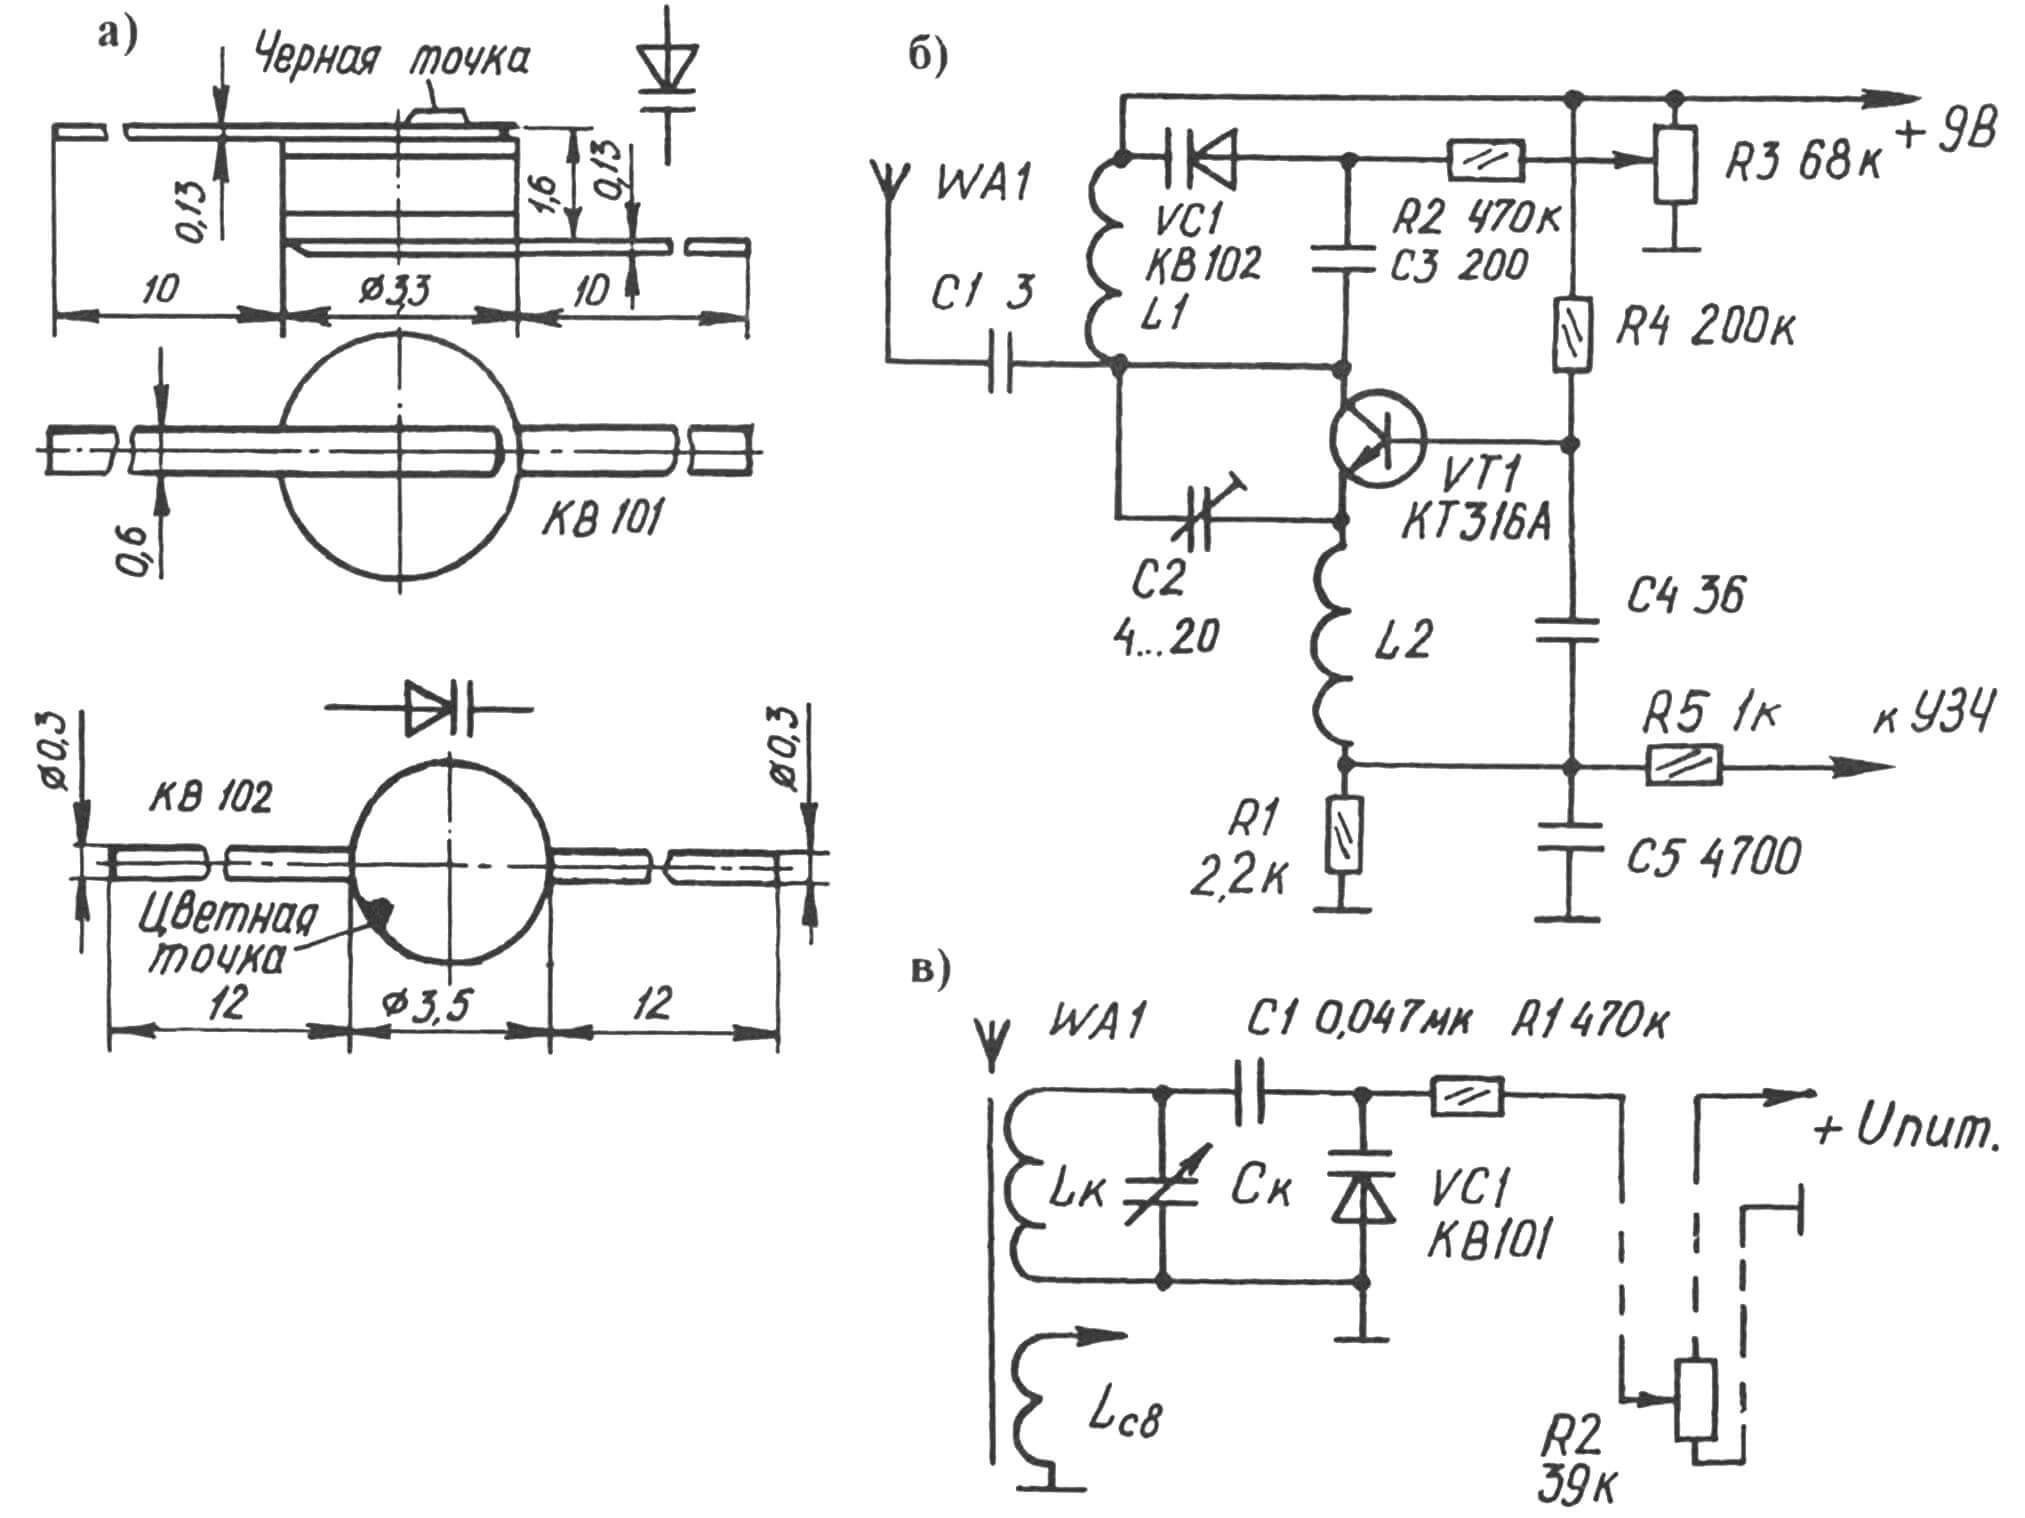 """Рис. 2. Варикапы КВ102, КВ101 (а); типовая схема включения первого из них в контур с регулированием """"электронной"""" емкости (б) и пример дистанционного управления вторым, выступающим в роли ЭКПЕ (в)"""